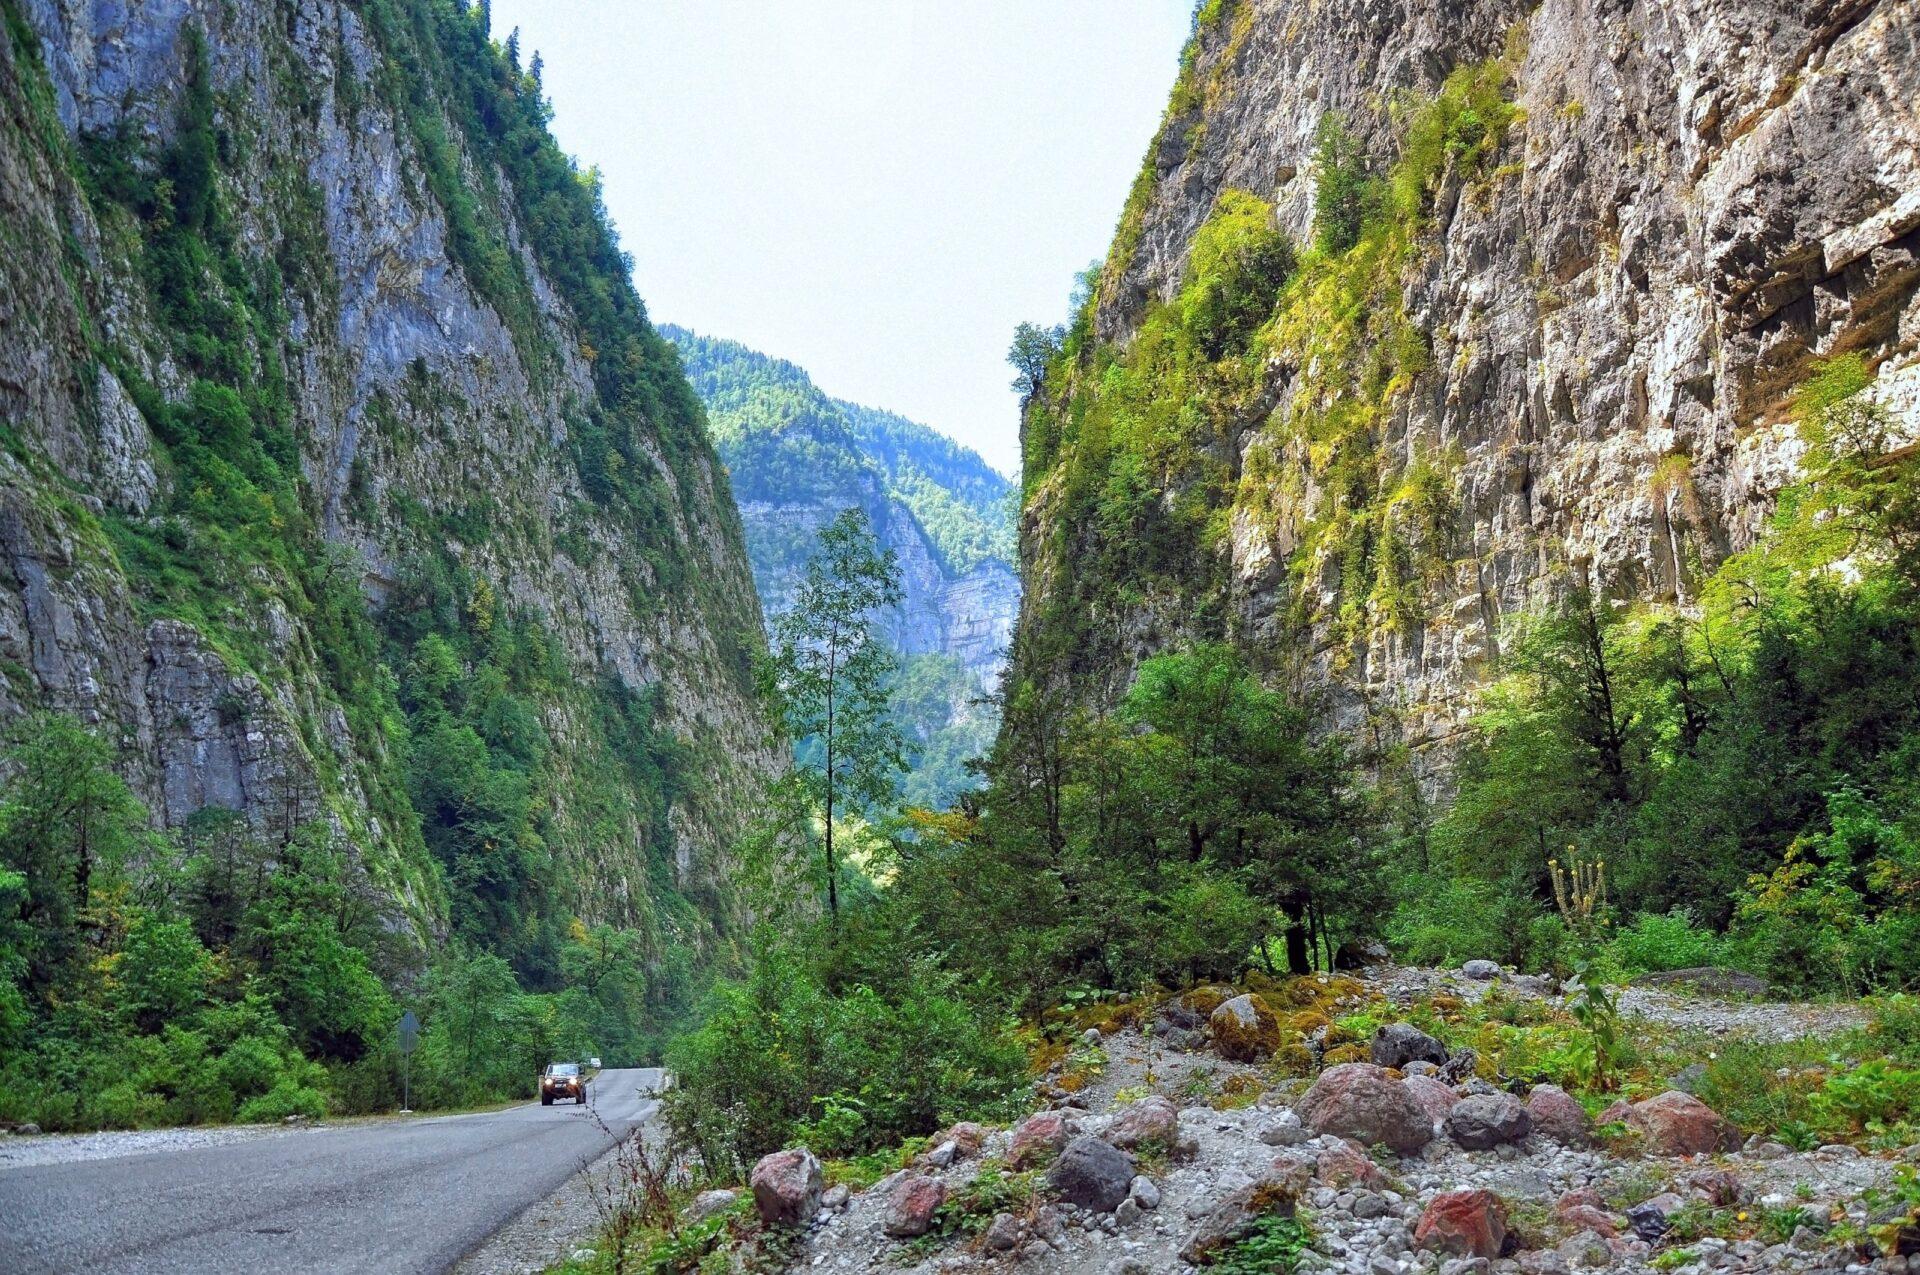 Абхазия: Ущелья иВодопады